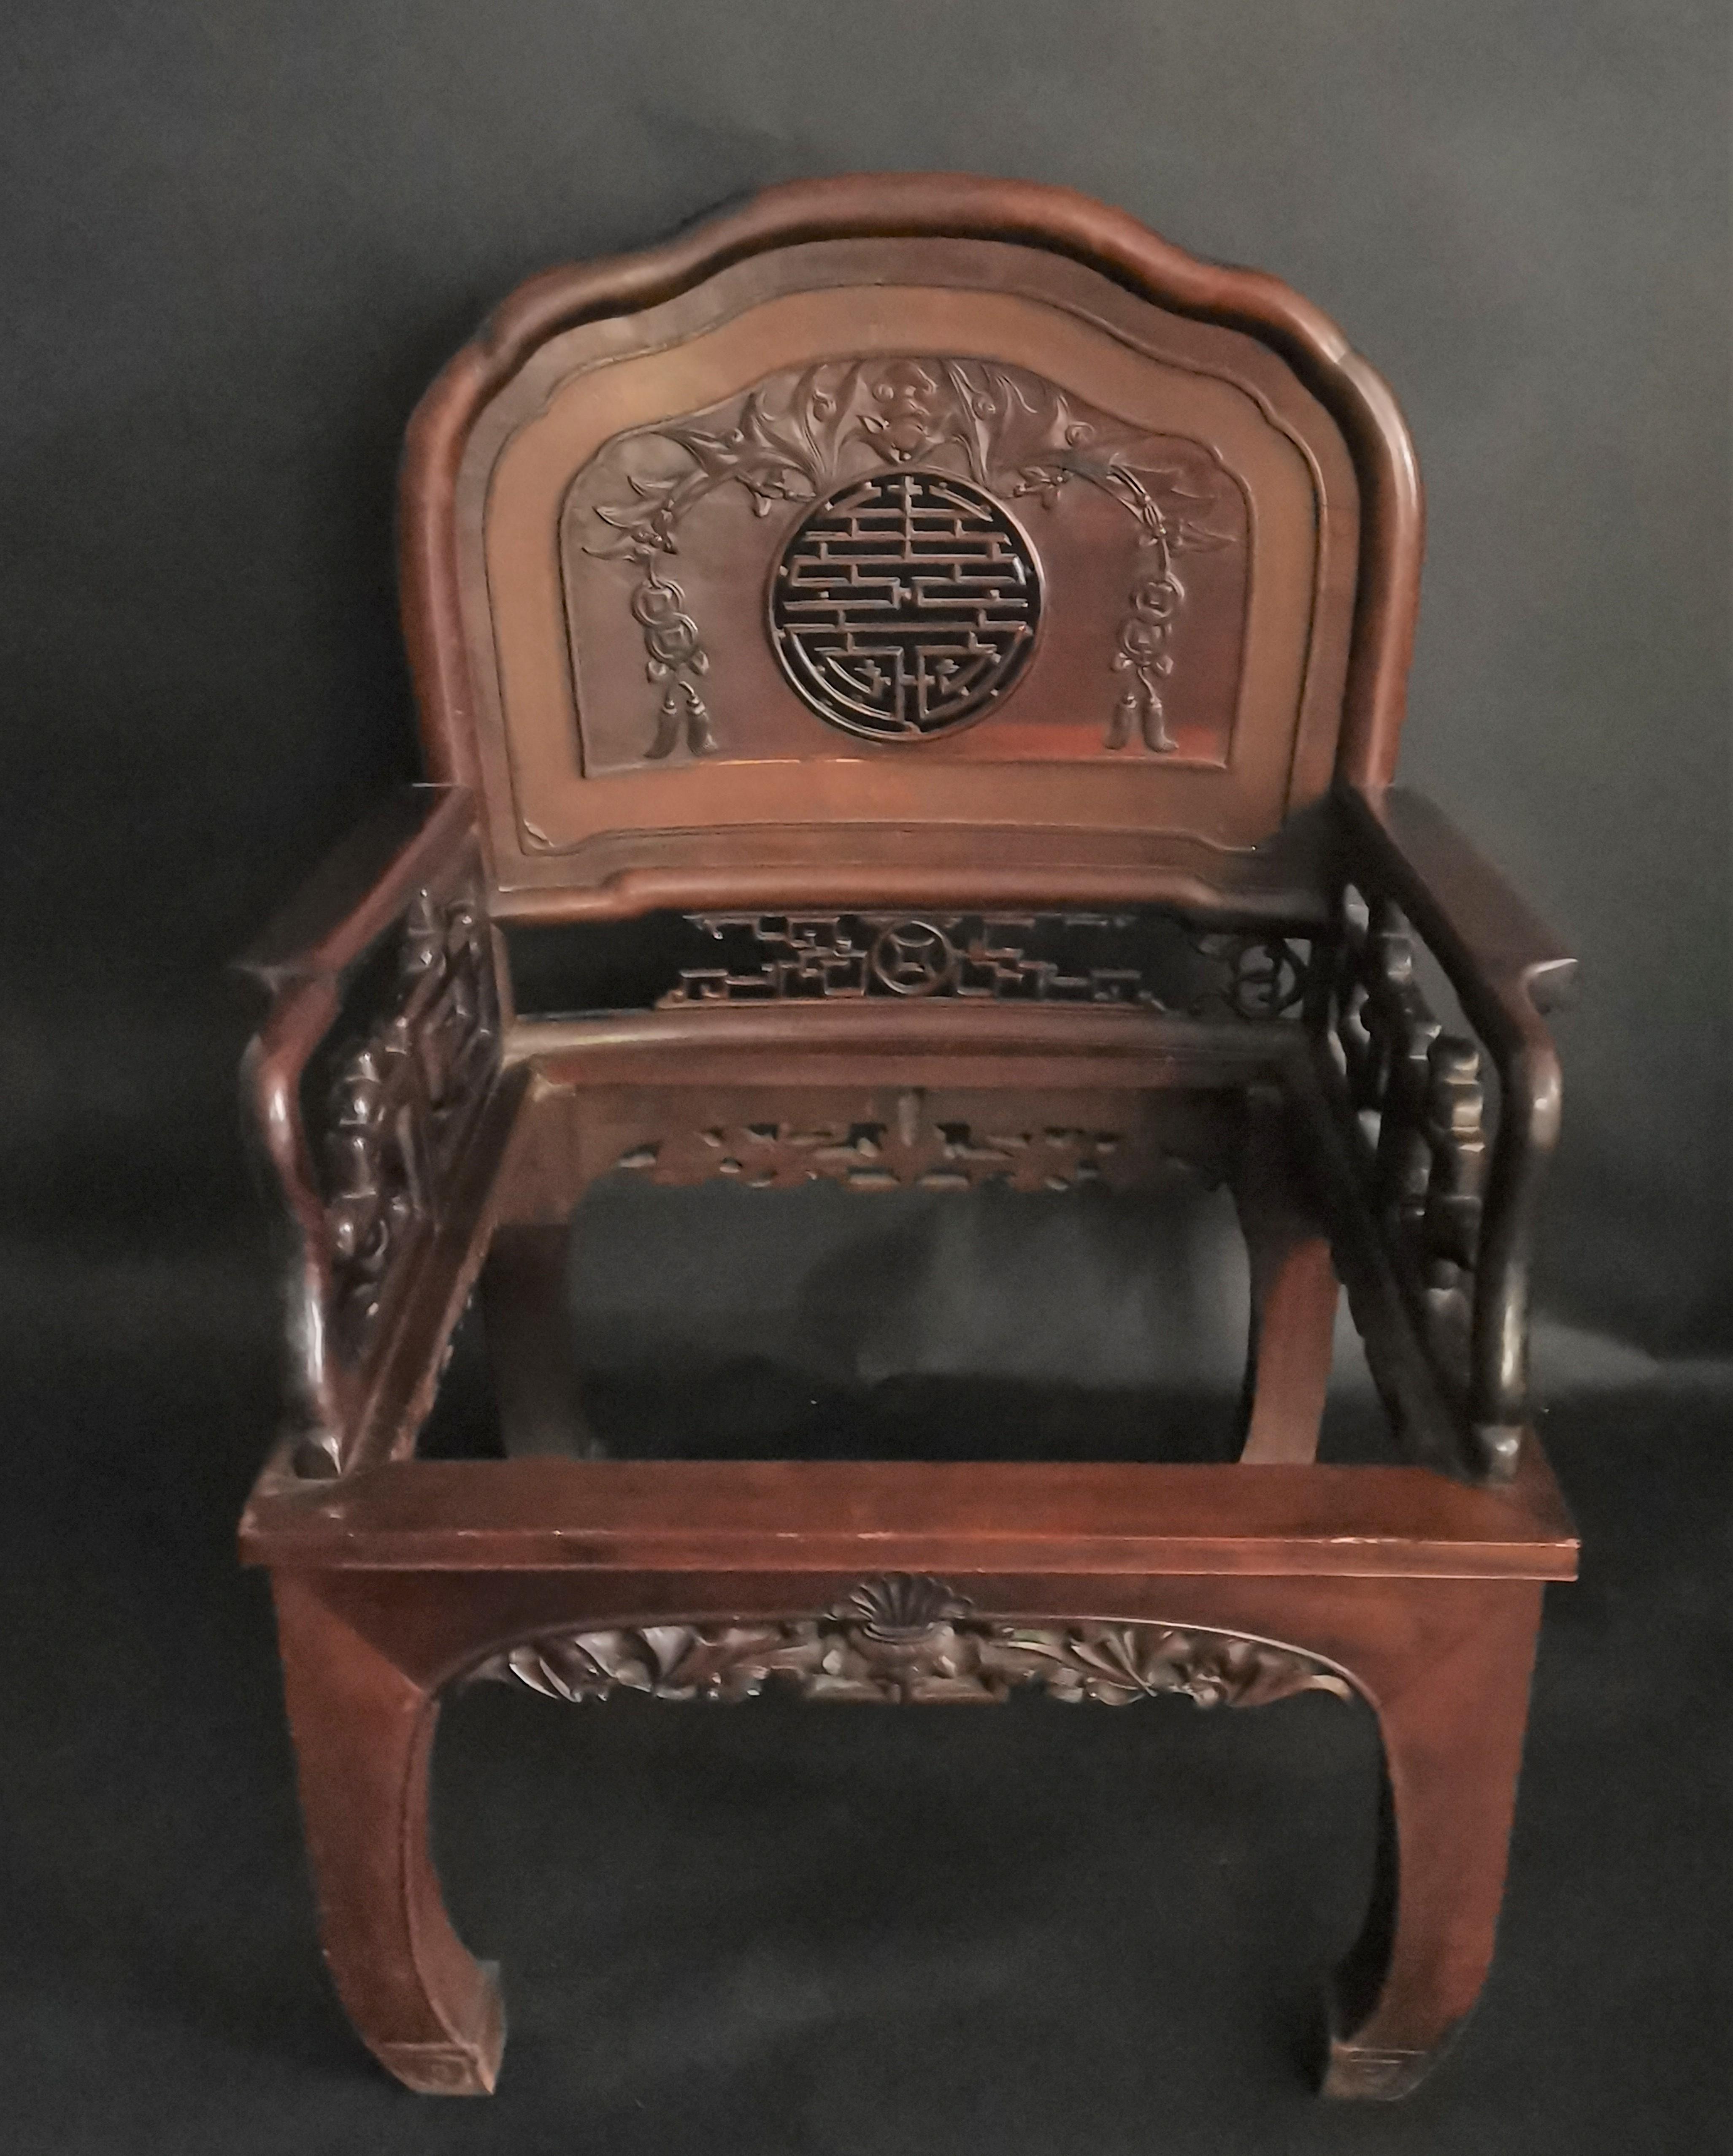 CHINE ou INDOCHINE. Paire de fauteuils à dossier mouvementé, à décor sculpté de [...] - Image 2 of 3